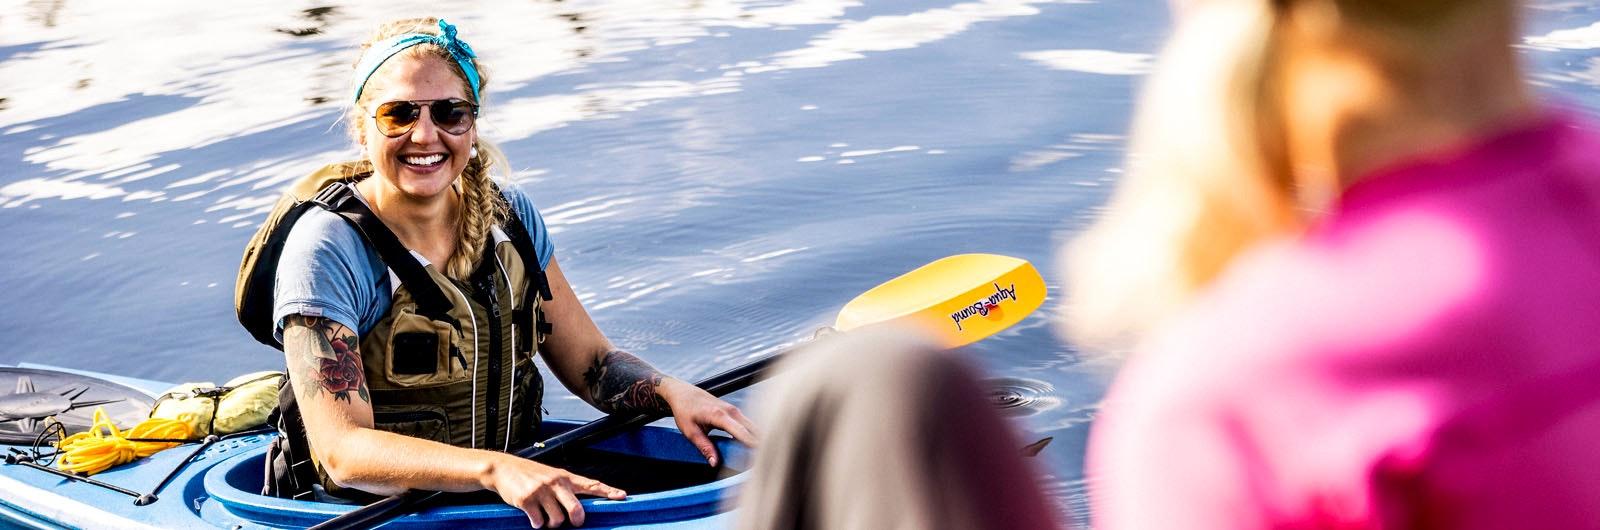 Kvinna som paddlar kajak